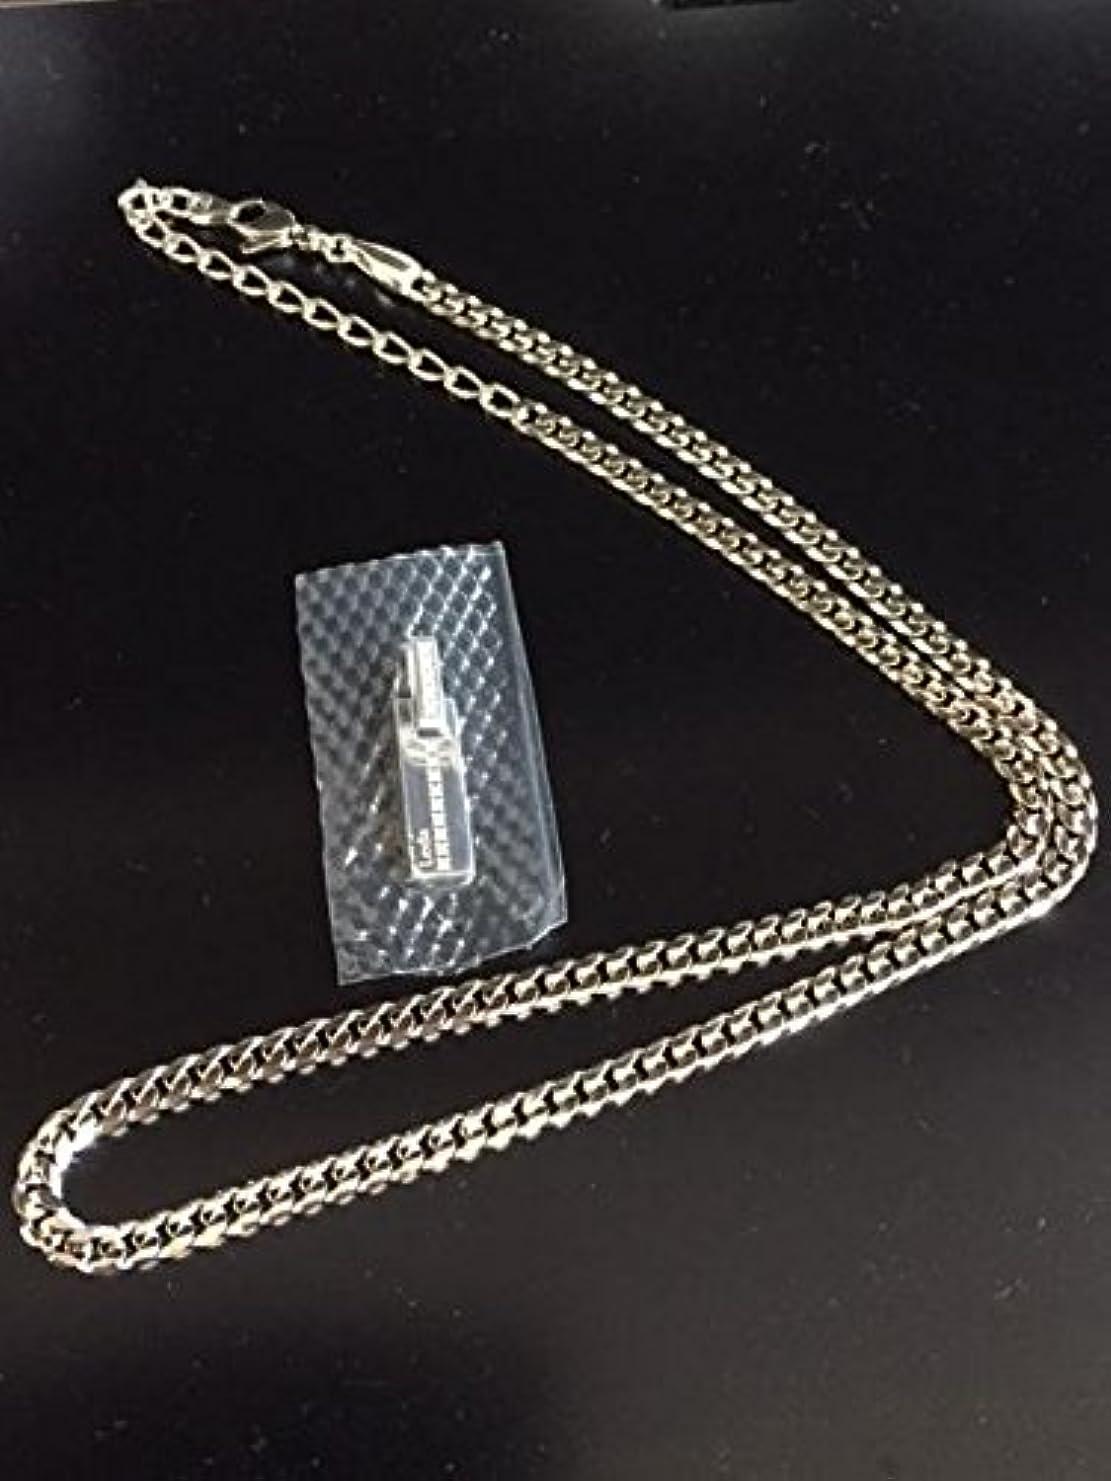 定常制裁そばにレダシルマ ダイヤモンドライン ネックレス